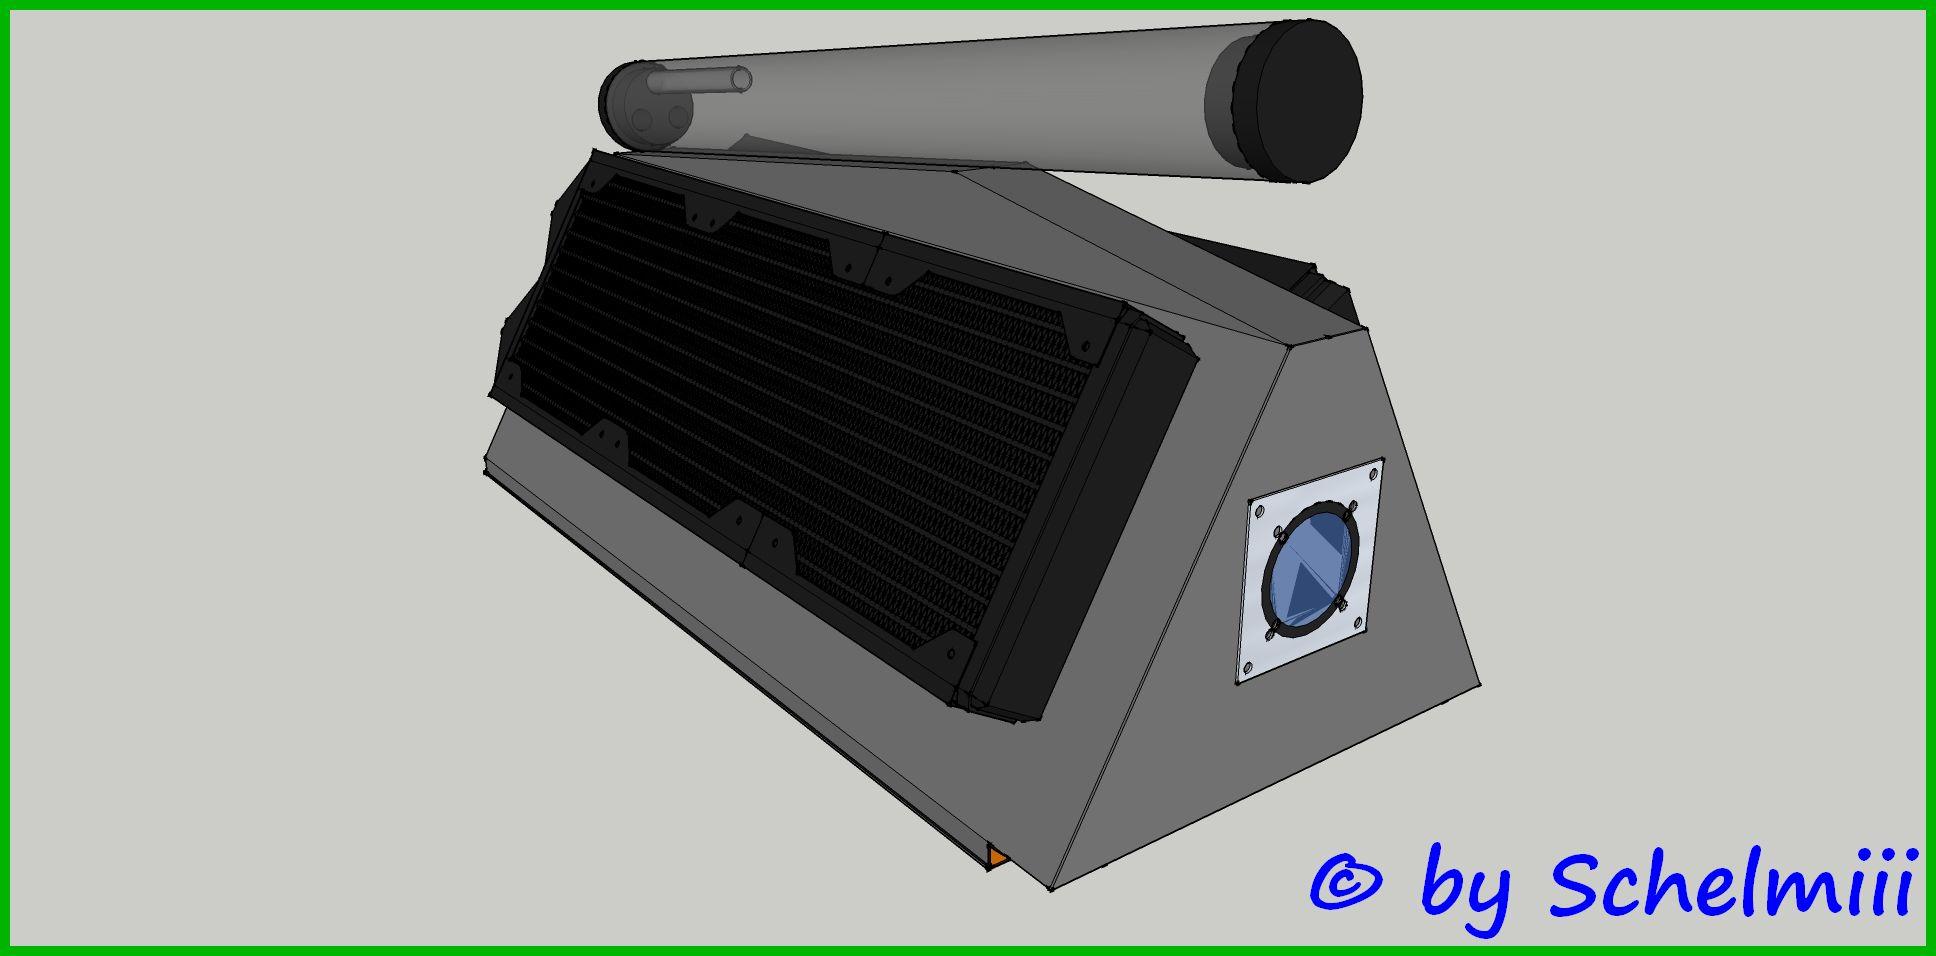 -dachversion3mit-la-fter-radi-filter-agb1_-arc.mod.byschelmiii-.jpg